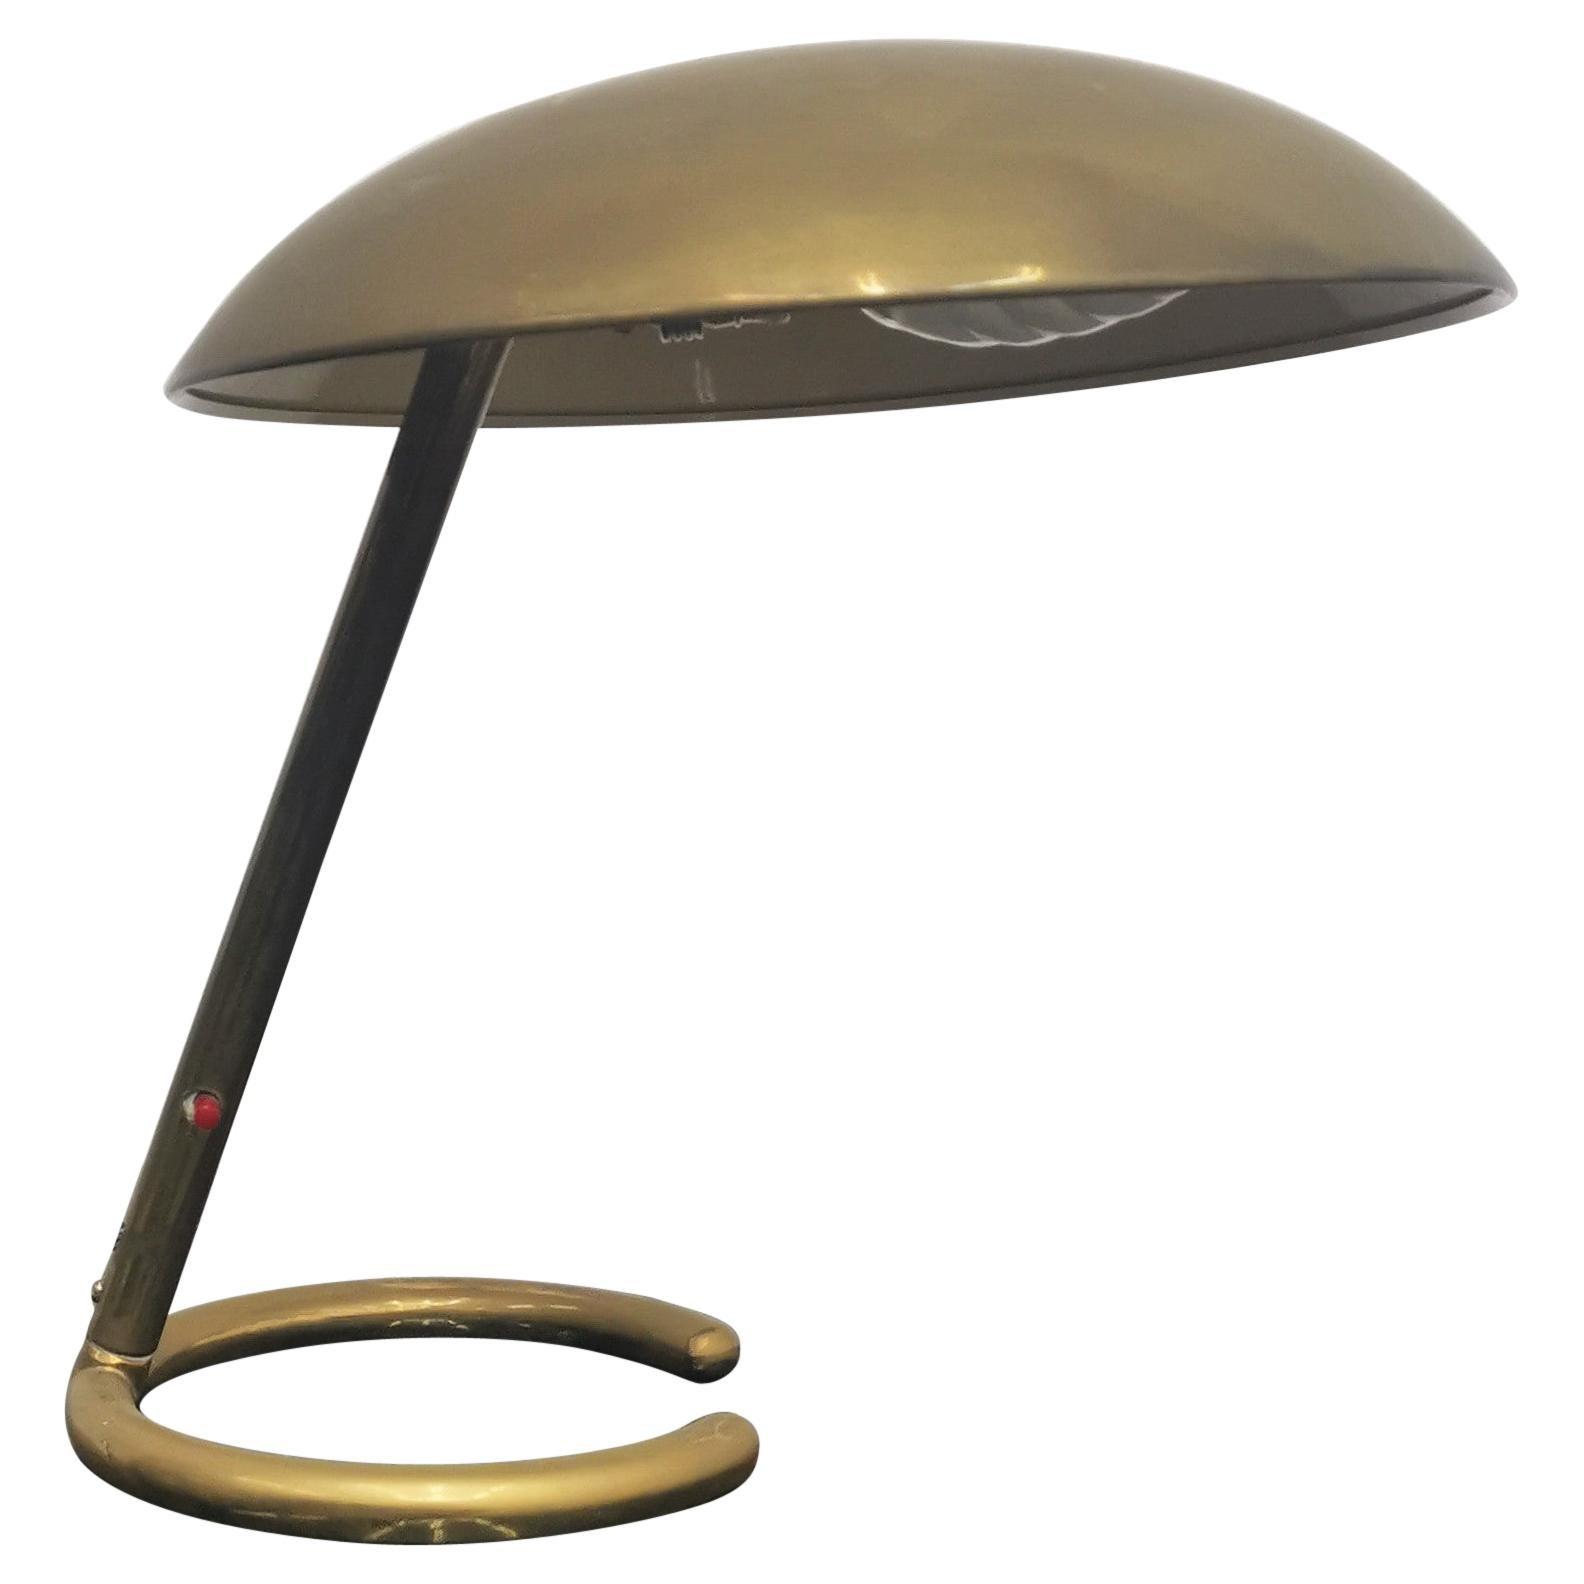 Mid-Century Stilnovo Adjustable Brass Table Lamp, 50s, Italy